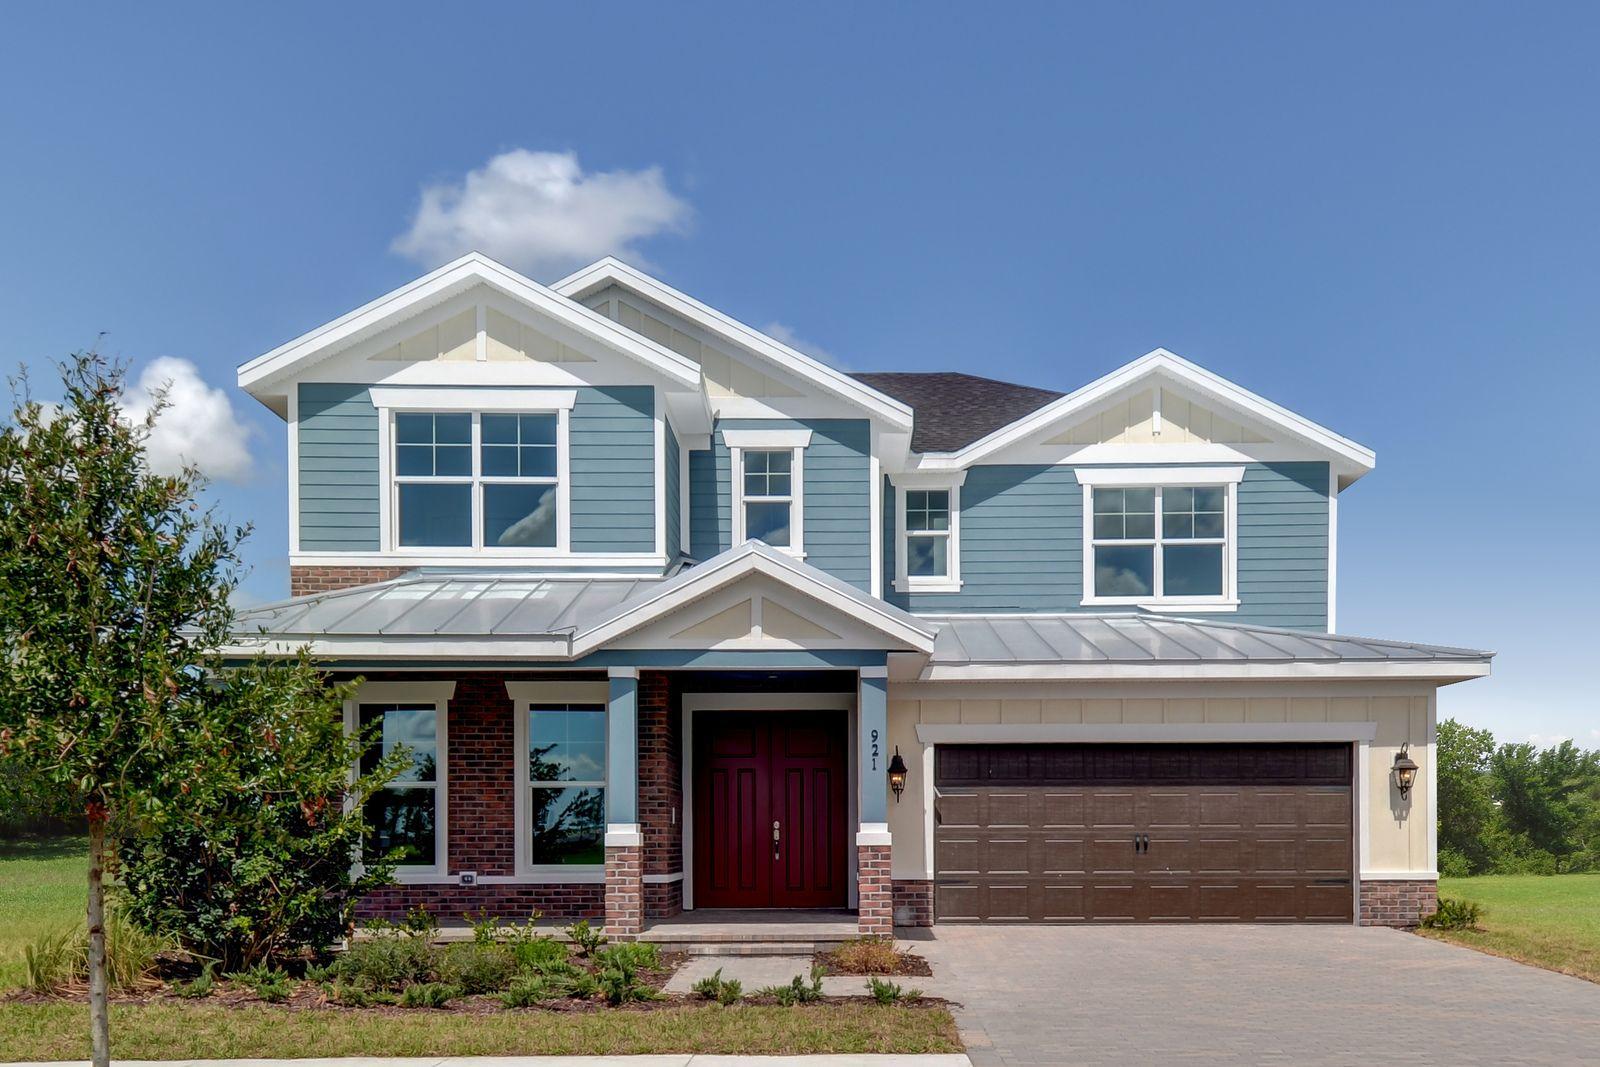 Uma única Família para Venda às Corley 915 Sweetgrass Street Wellington, Florida 33470 United States